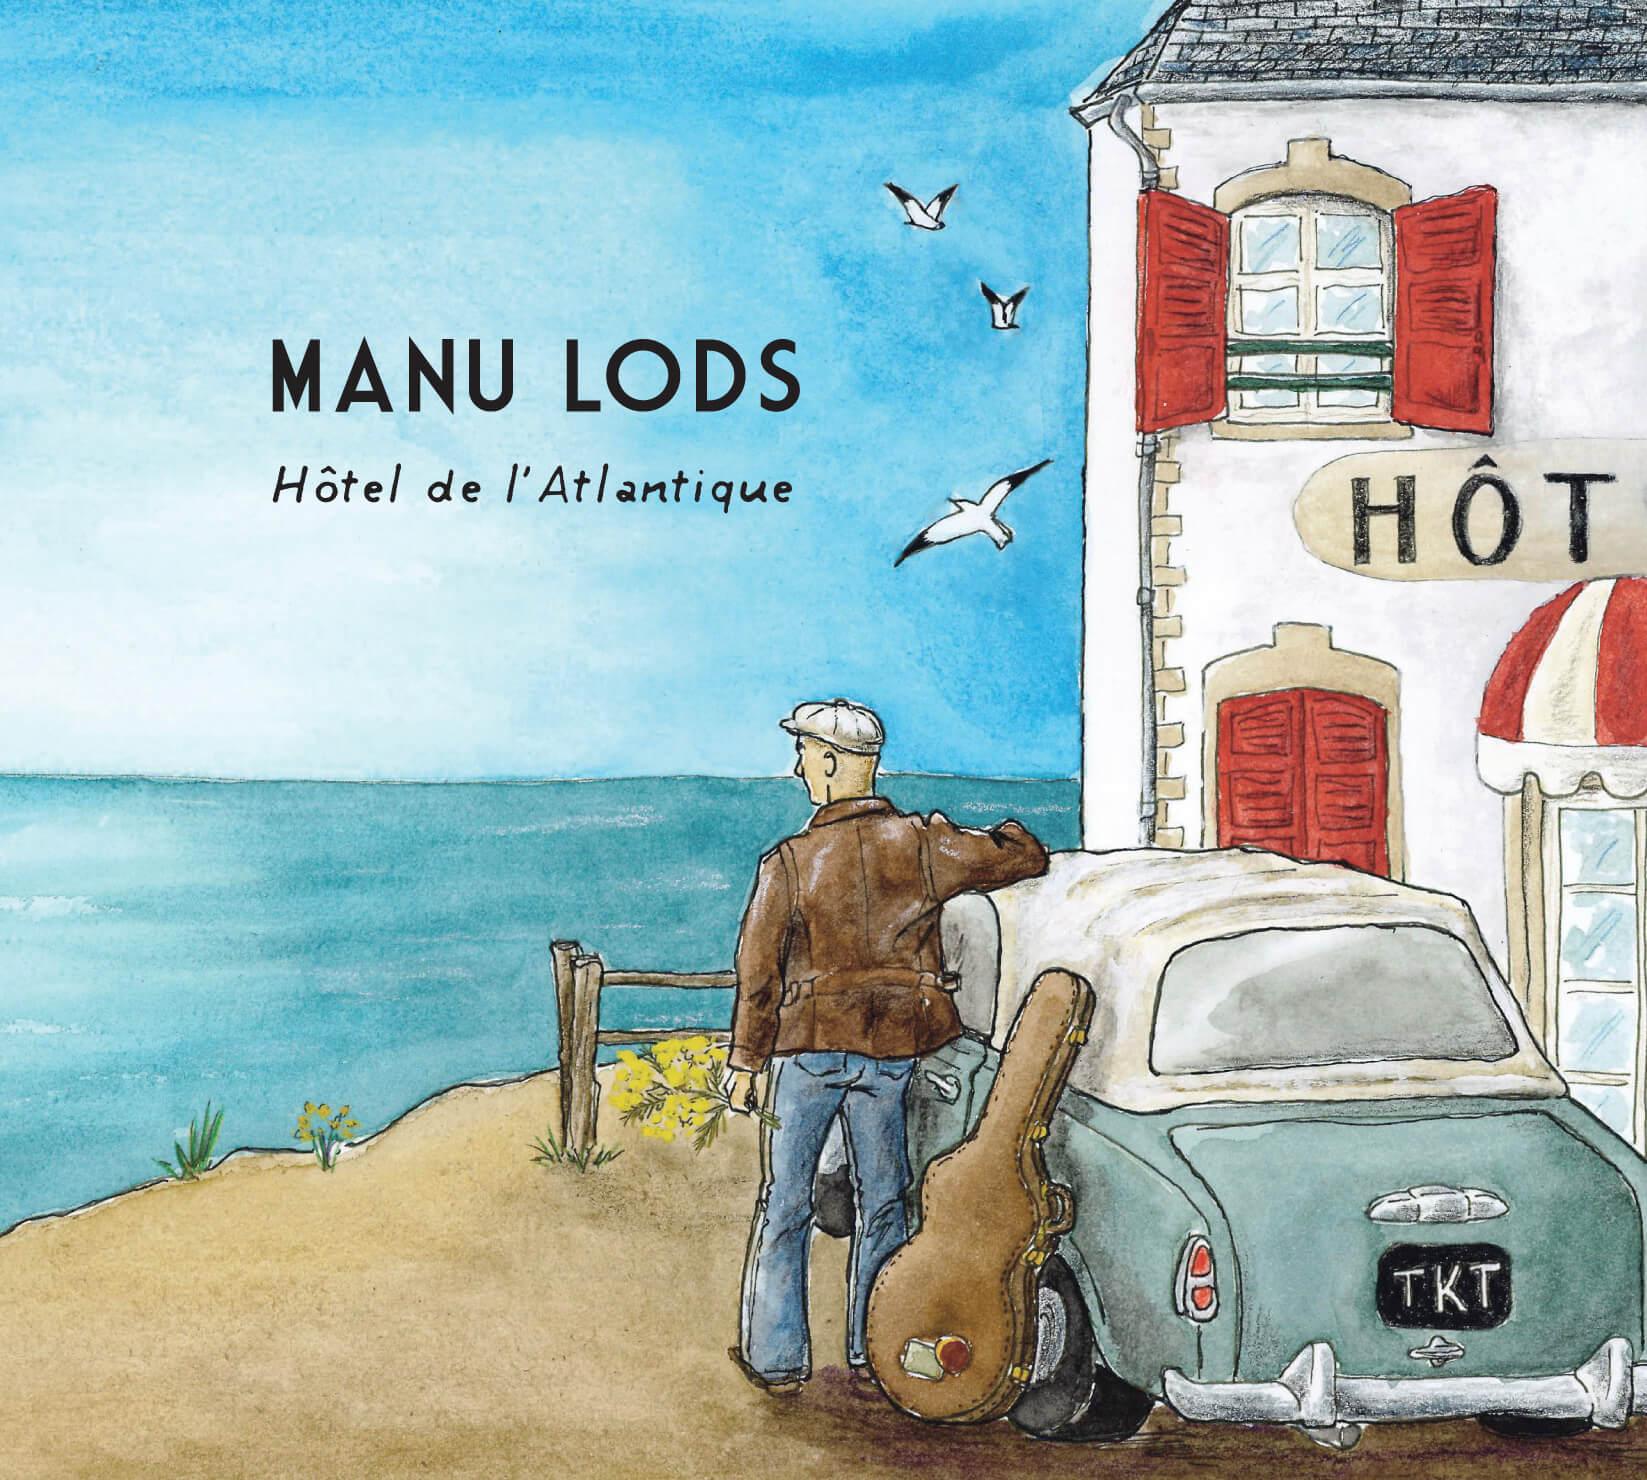 Hotel de l'Atlantique - Nouvel album de Manu Lods